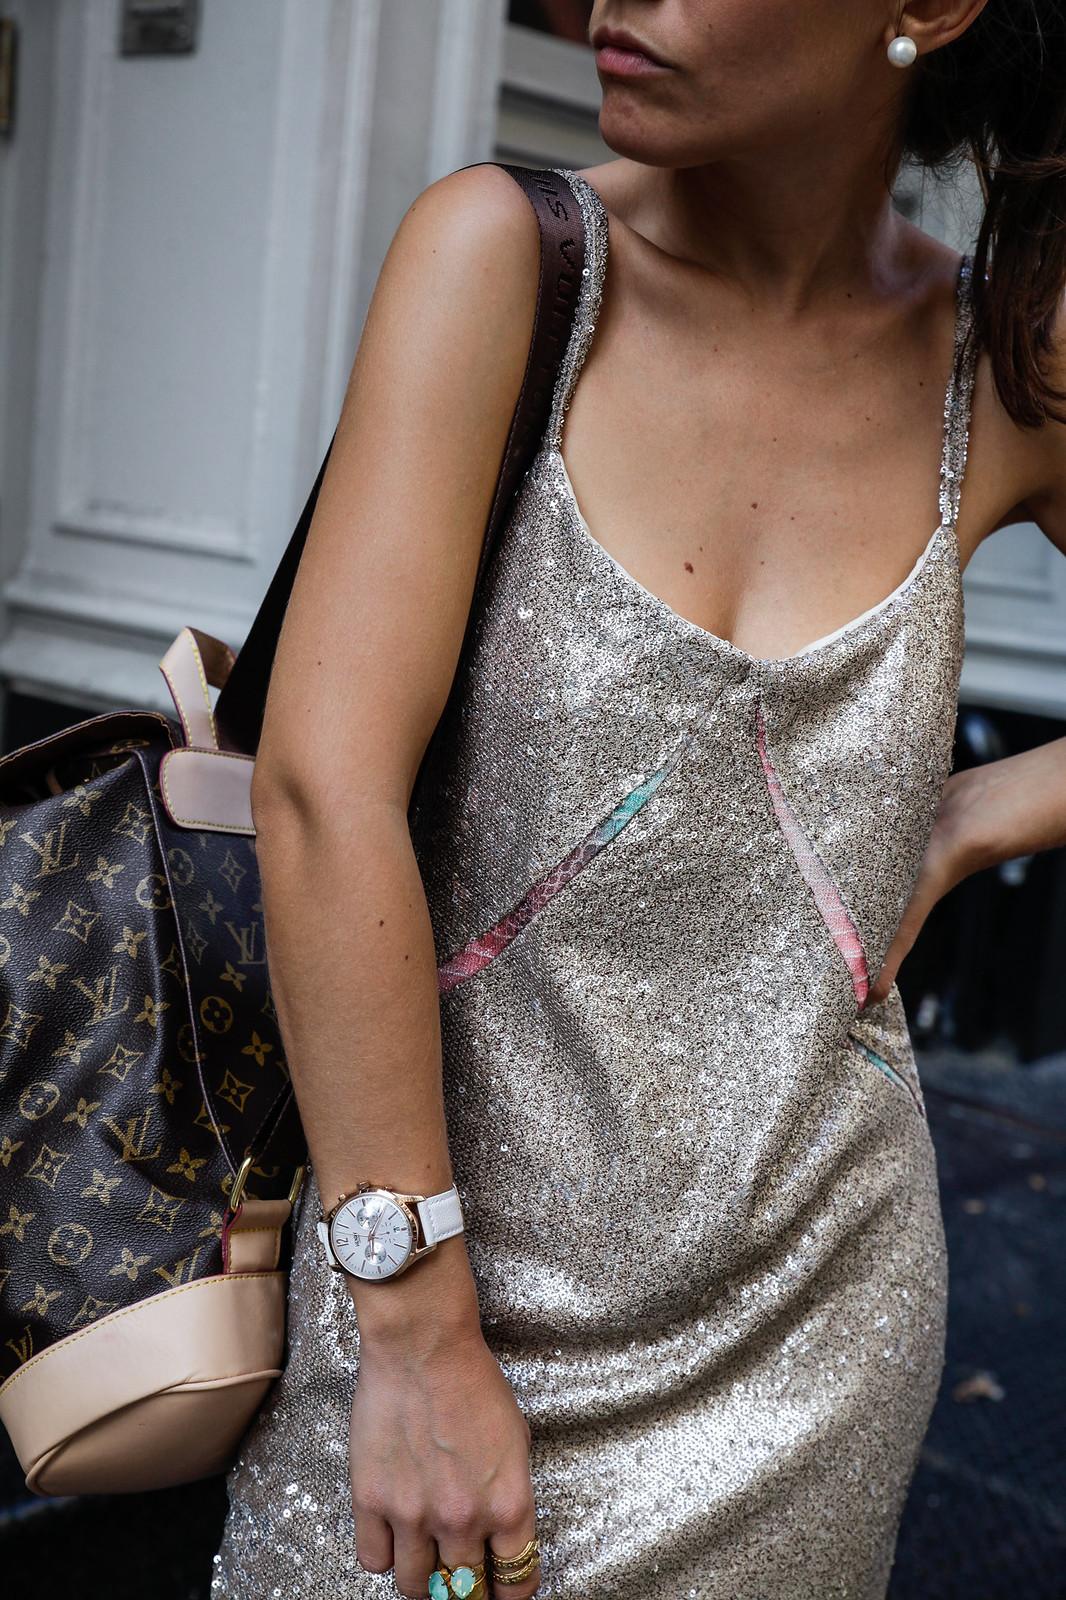 06_vestido_lentejuelas_casual_look_theguestgirl_nyc_fashion_show